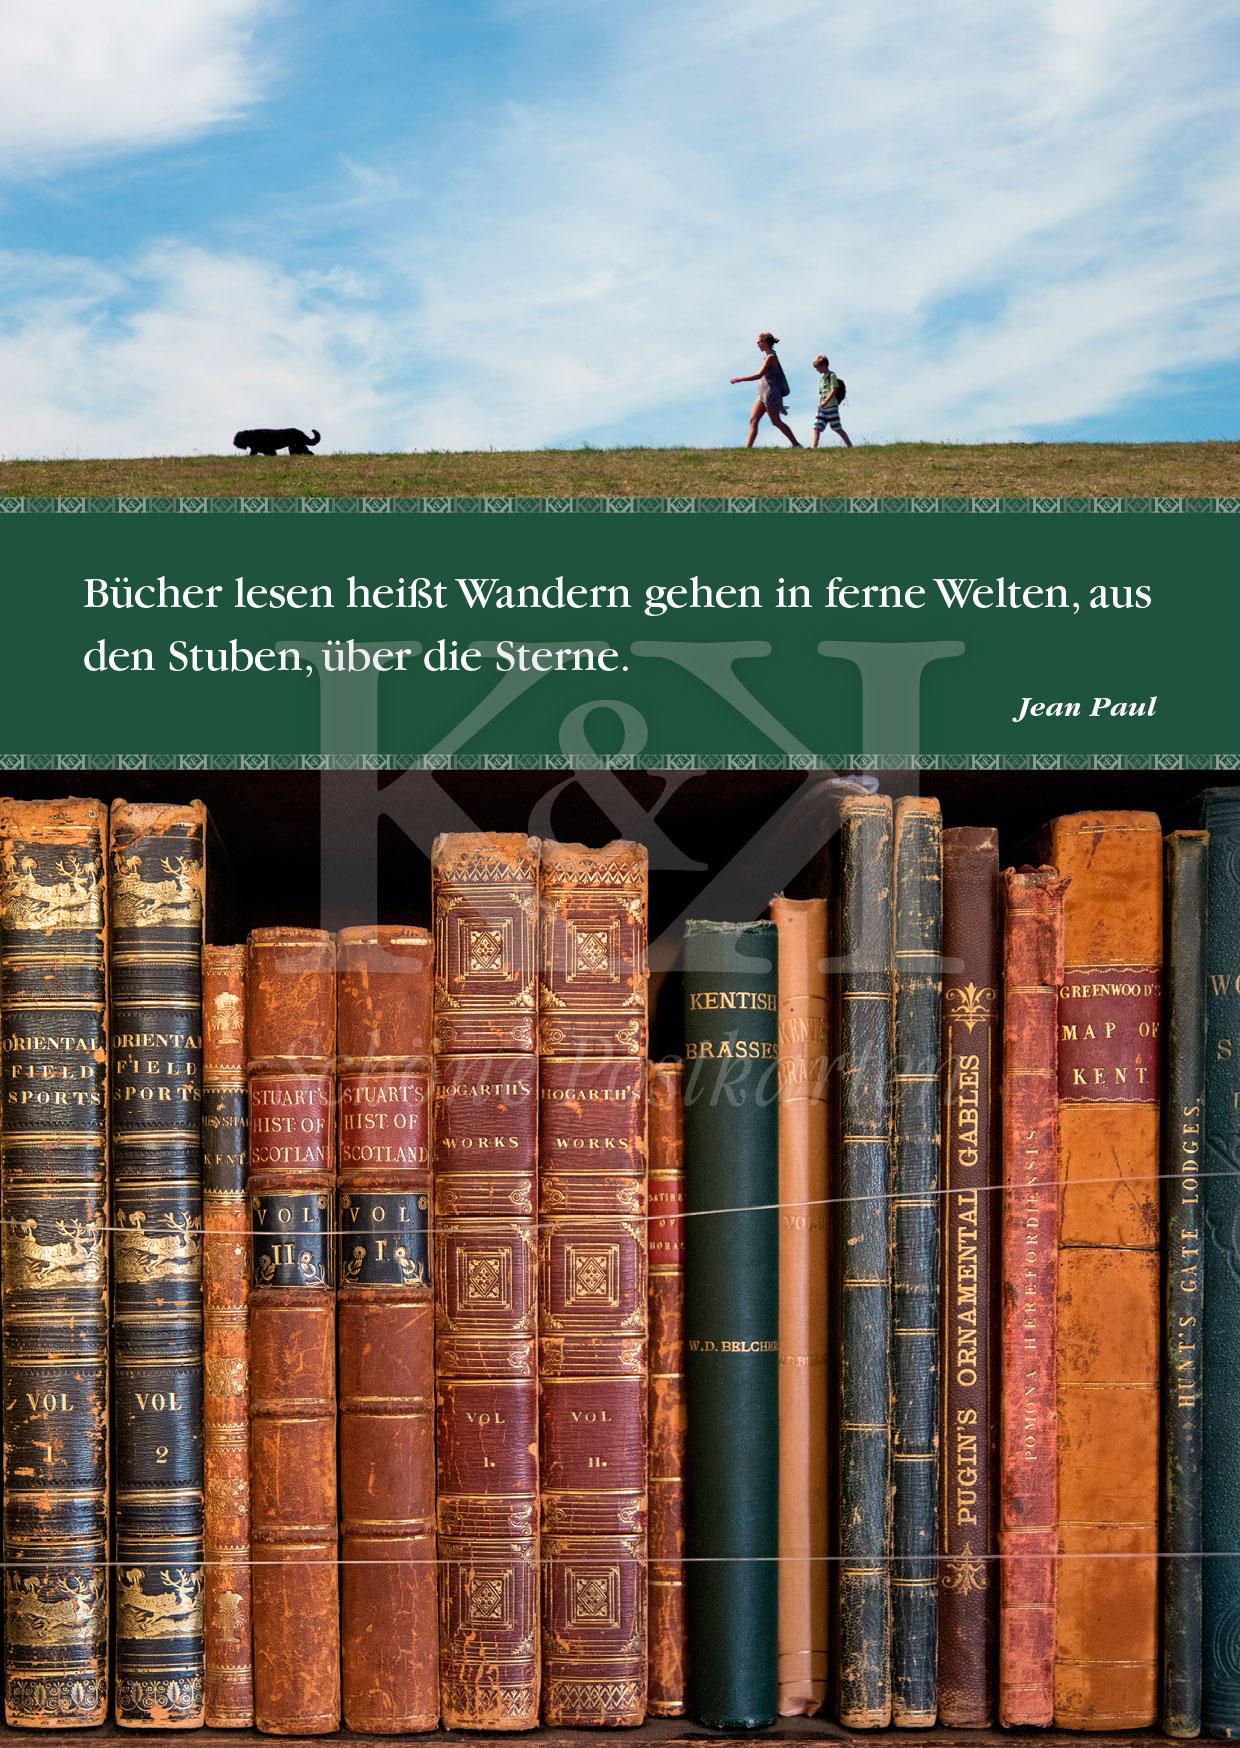 Schöne Postkarte Nr. 143 · Bücher lesen, Wandern gehen. Jean Paul © 2018